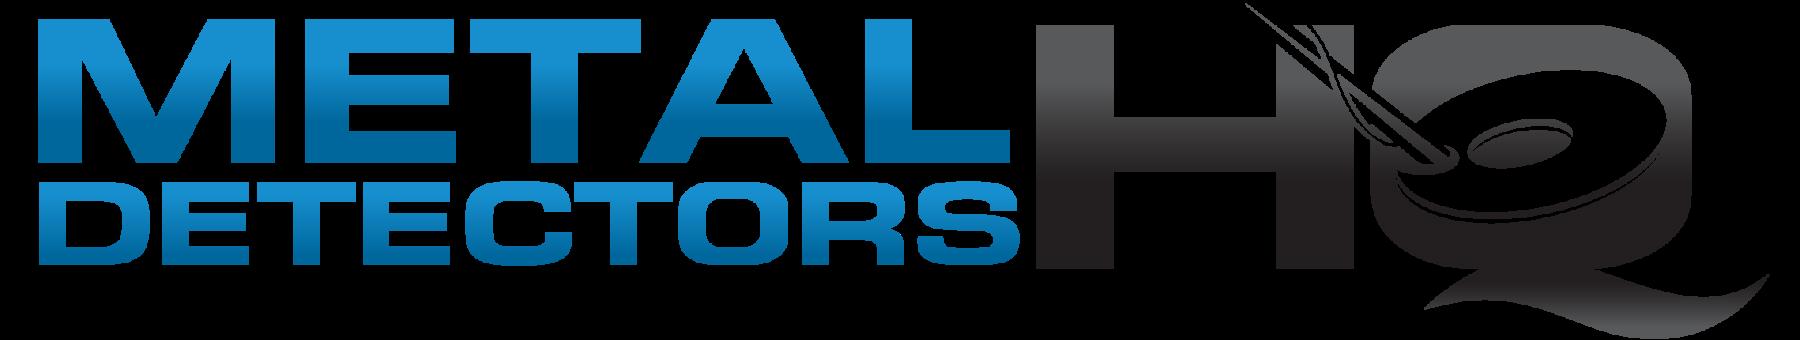 Metal Detectors HQ